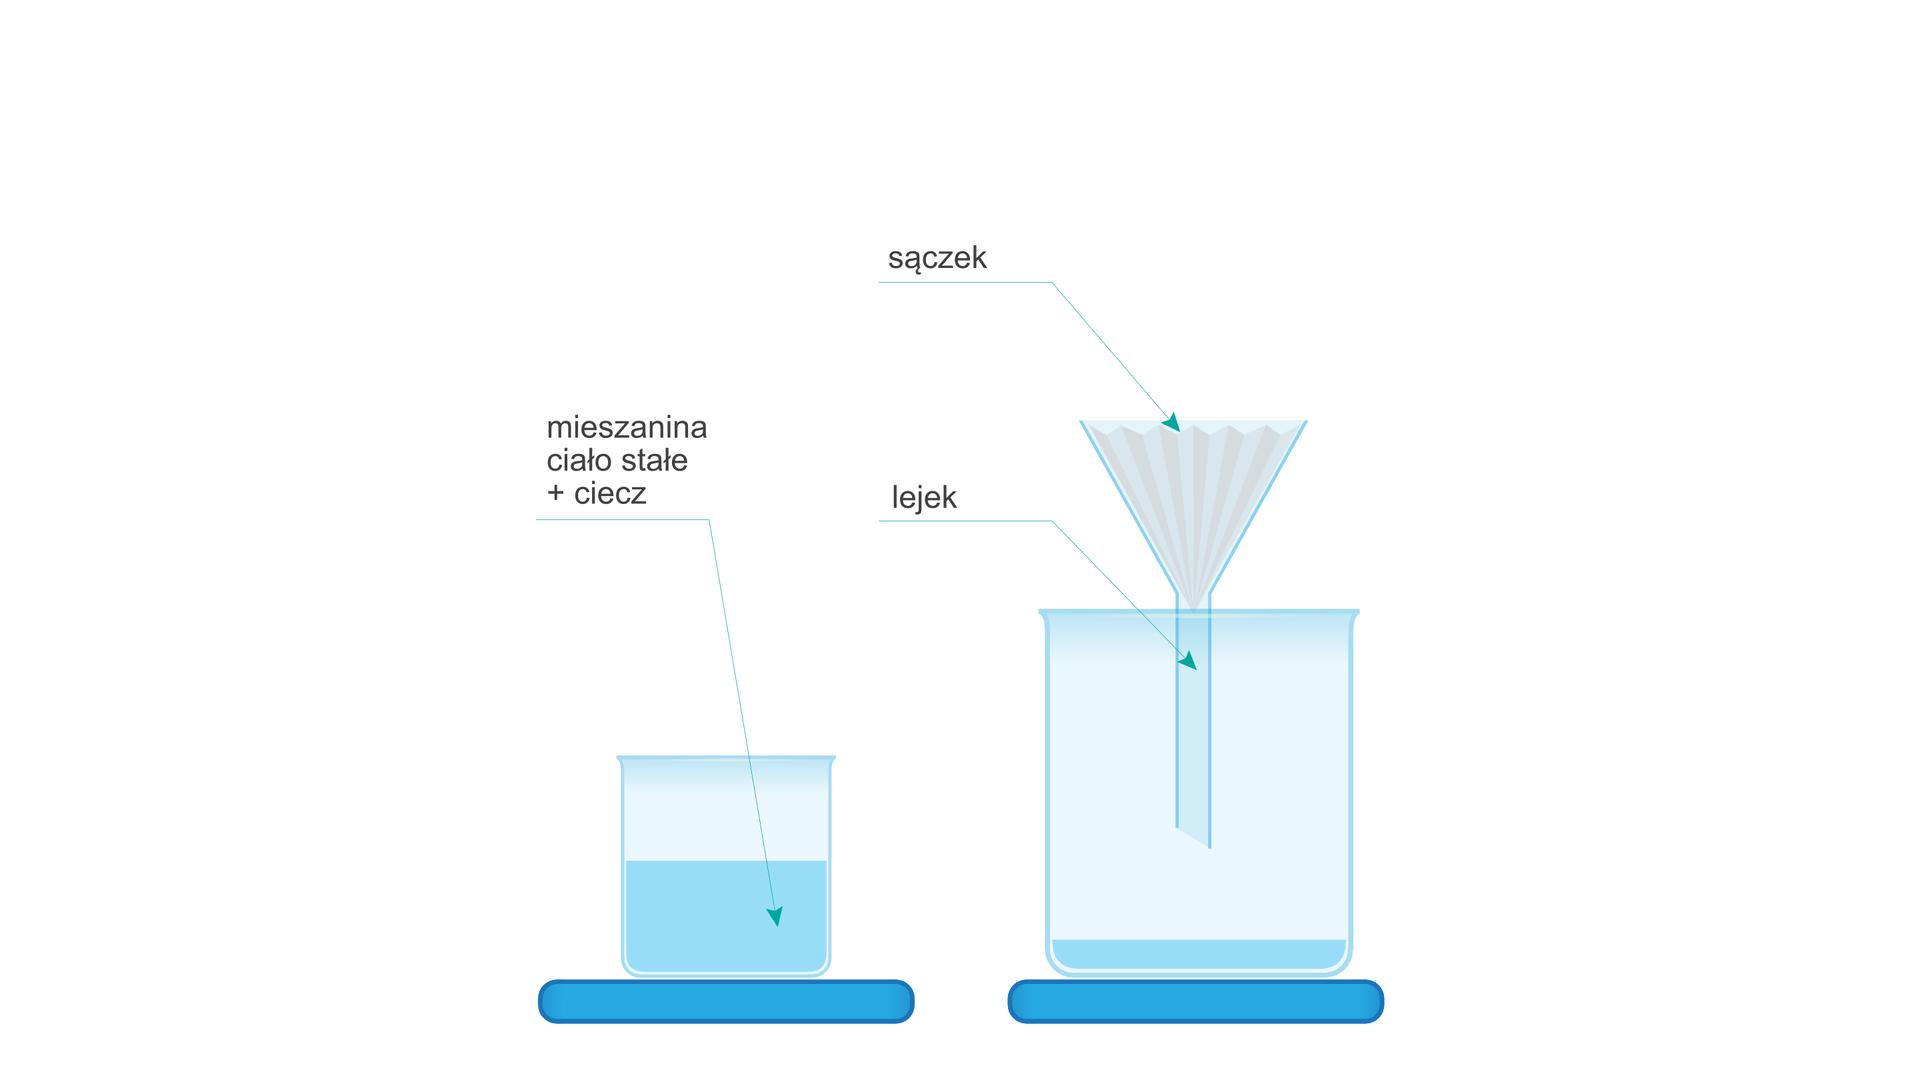 Rysunek przedstawia naczynie zpłynem opisaną jako Mieszanina ciało stałe + ciecz, aobok aparaturę do odsączania. Ta druga składa się zdrugiego, większego naczynia nad którym zawieszony jest lejek. Wkielichu lejka rozłożony jest filtr zwany wterminologii chemicznej sączkiem.